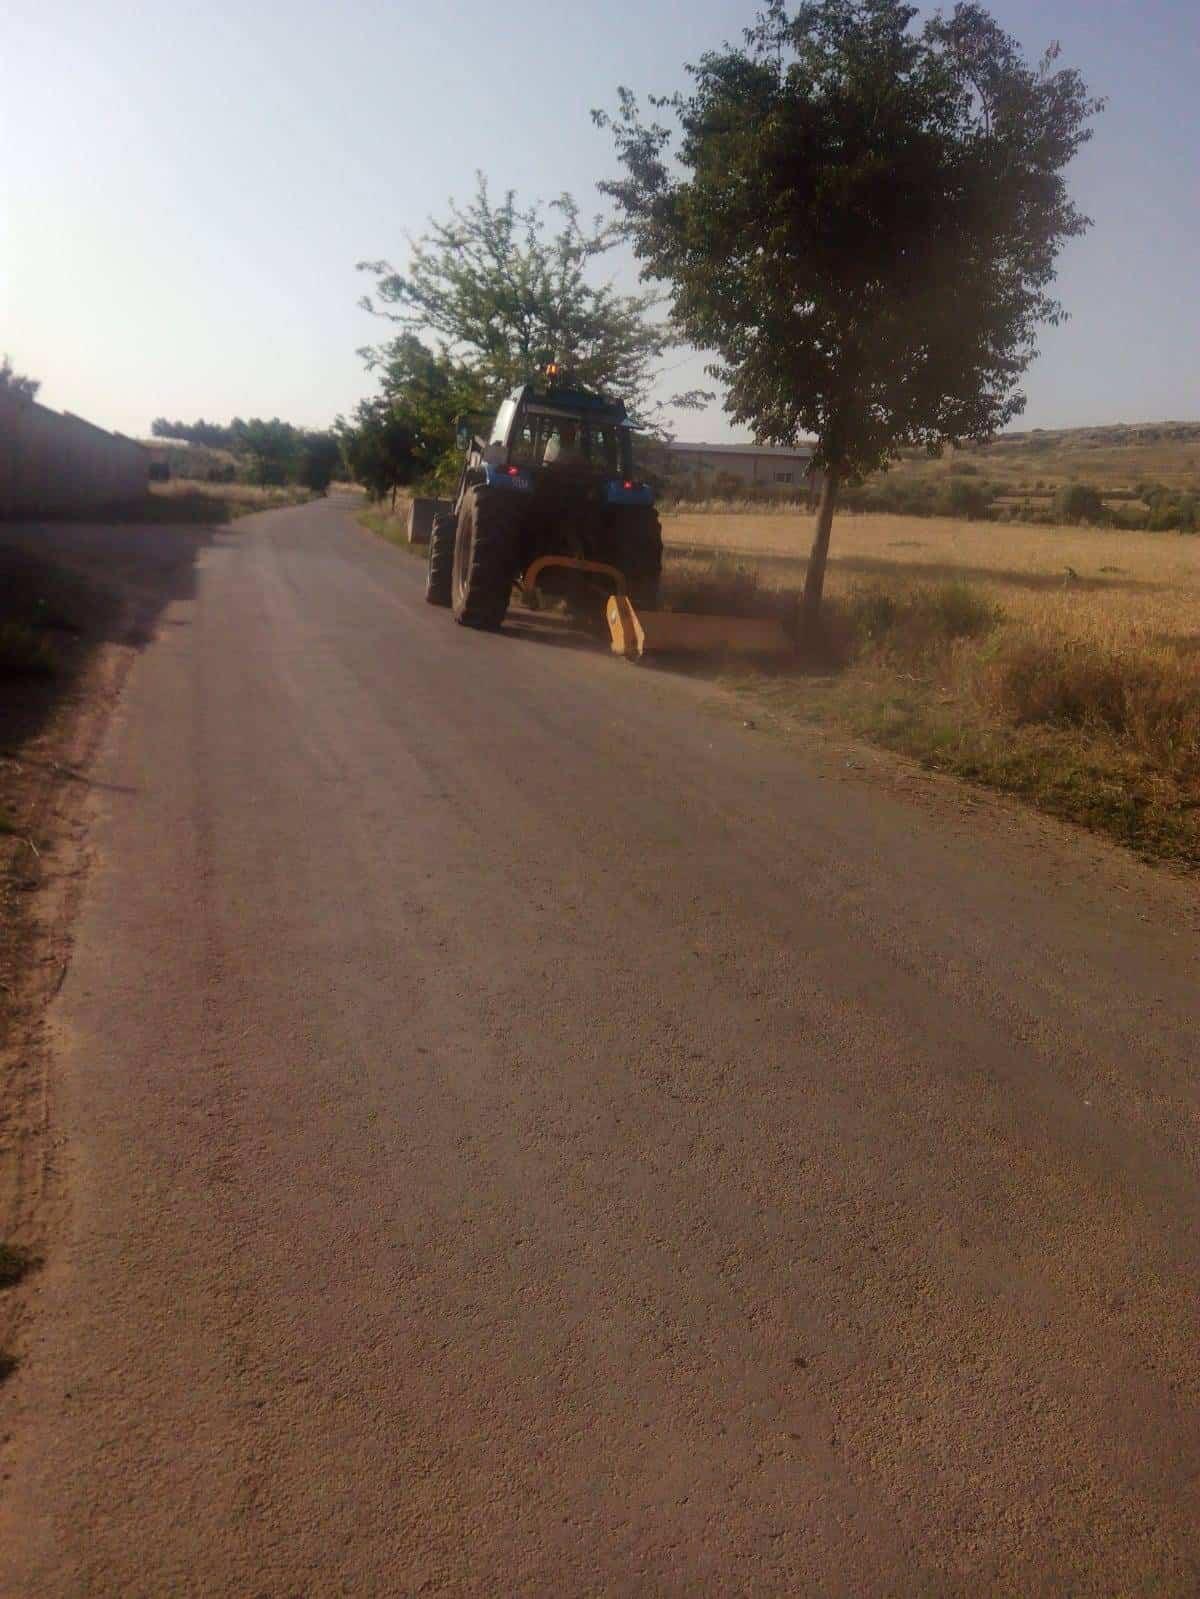 acondicionamiento camino san cristobal - Limpieza de las cunetas y firmes del camino de San Cristobal